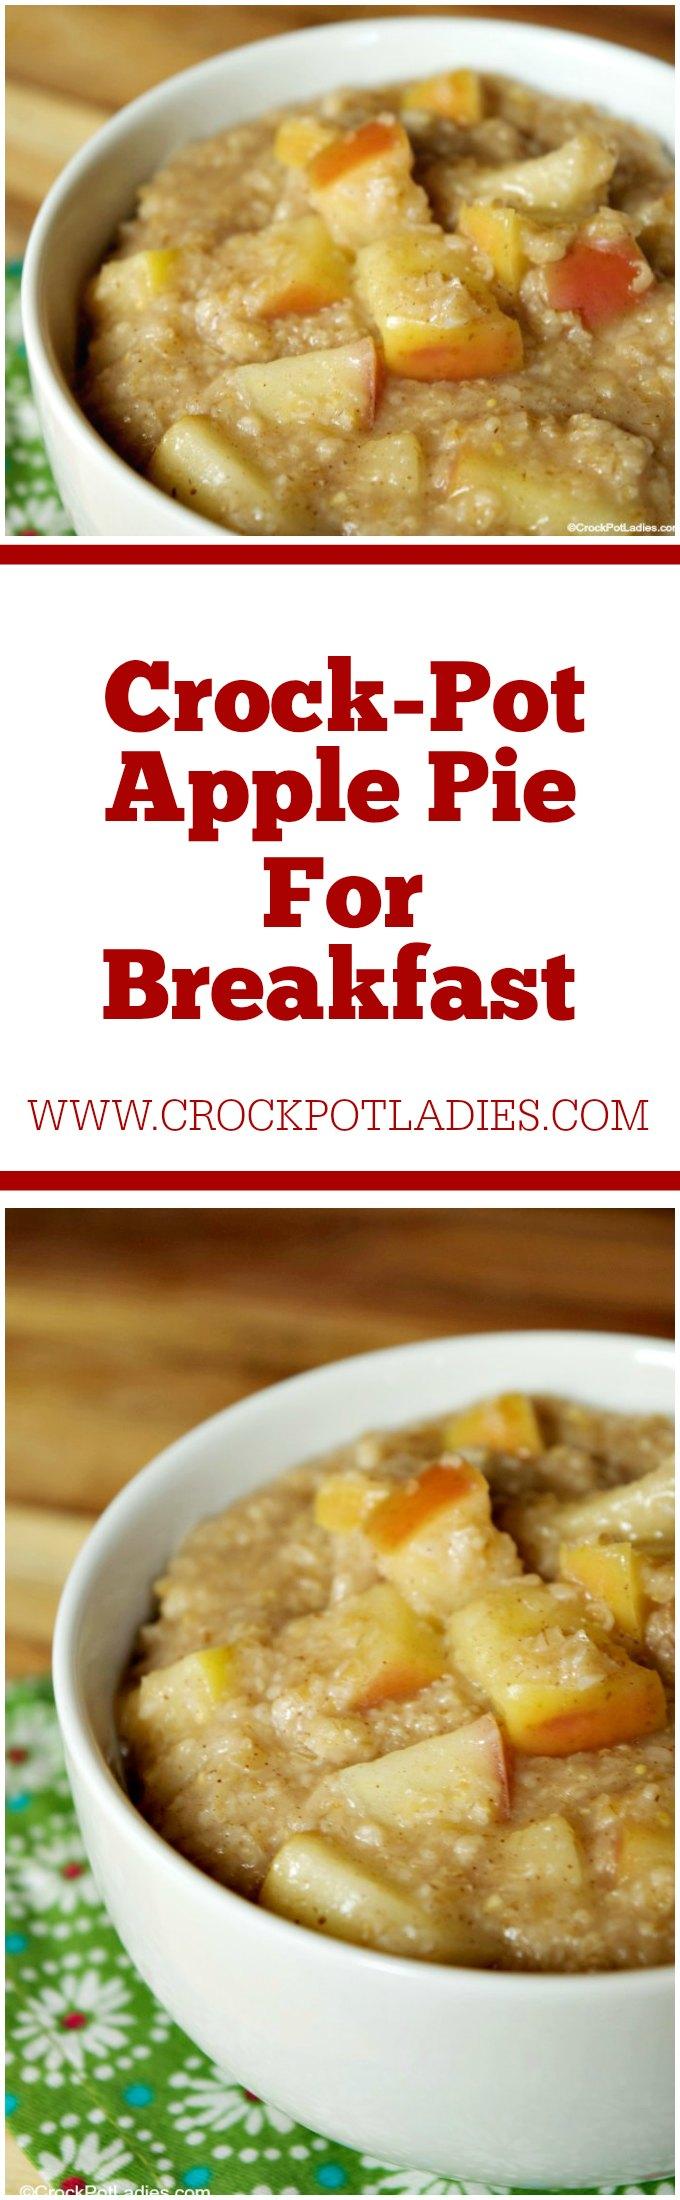 Crock-Pot Apple Pie for Breakfast